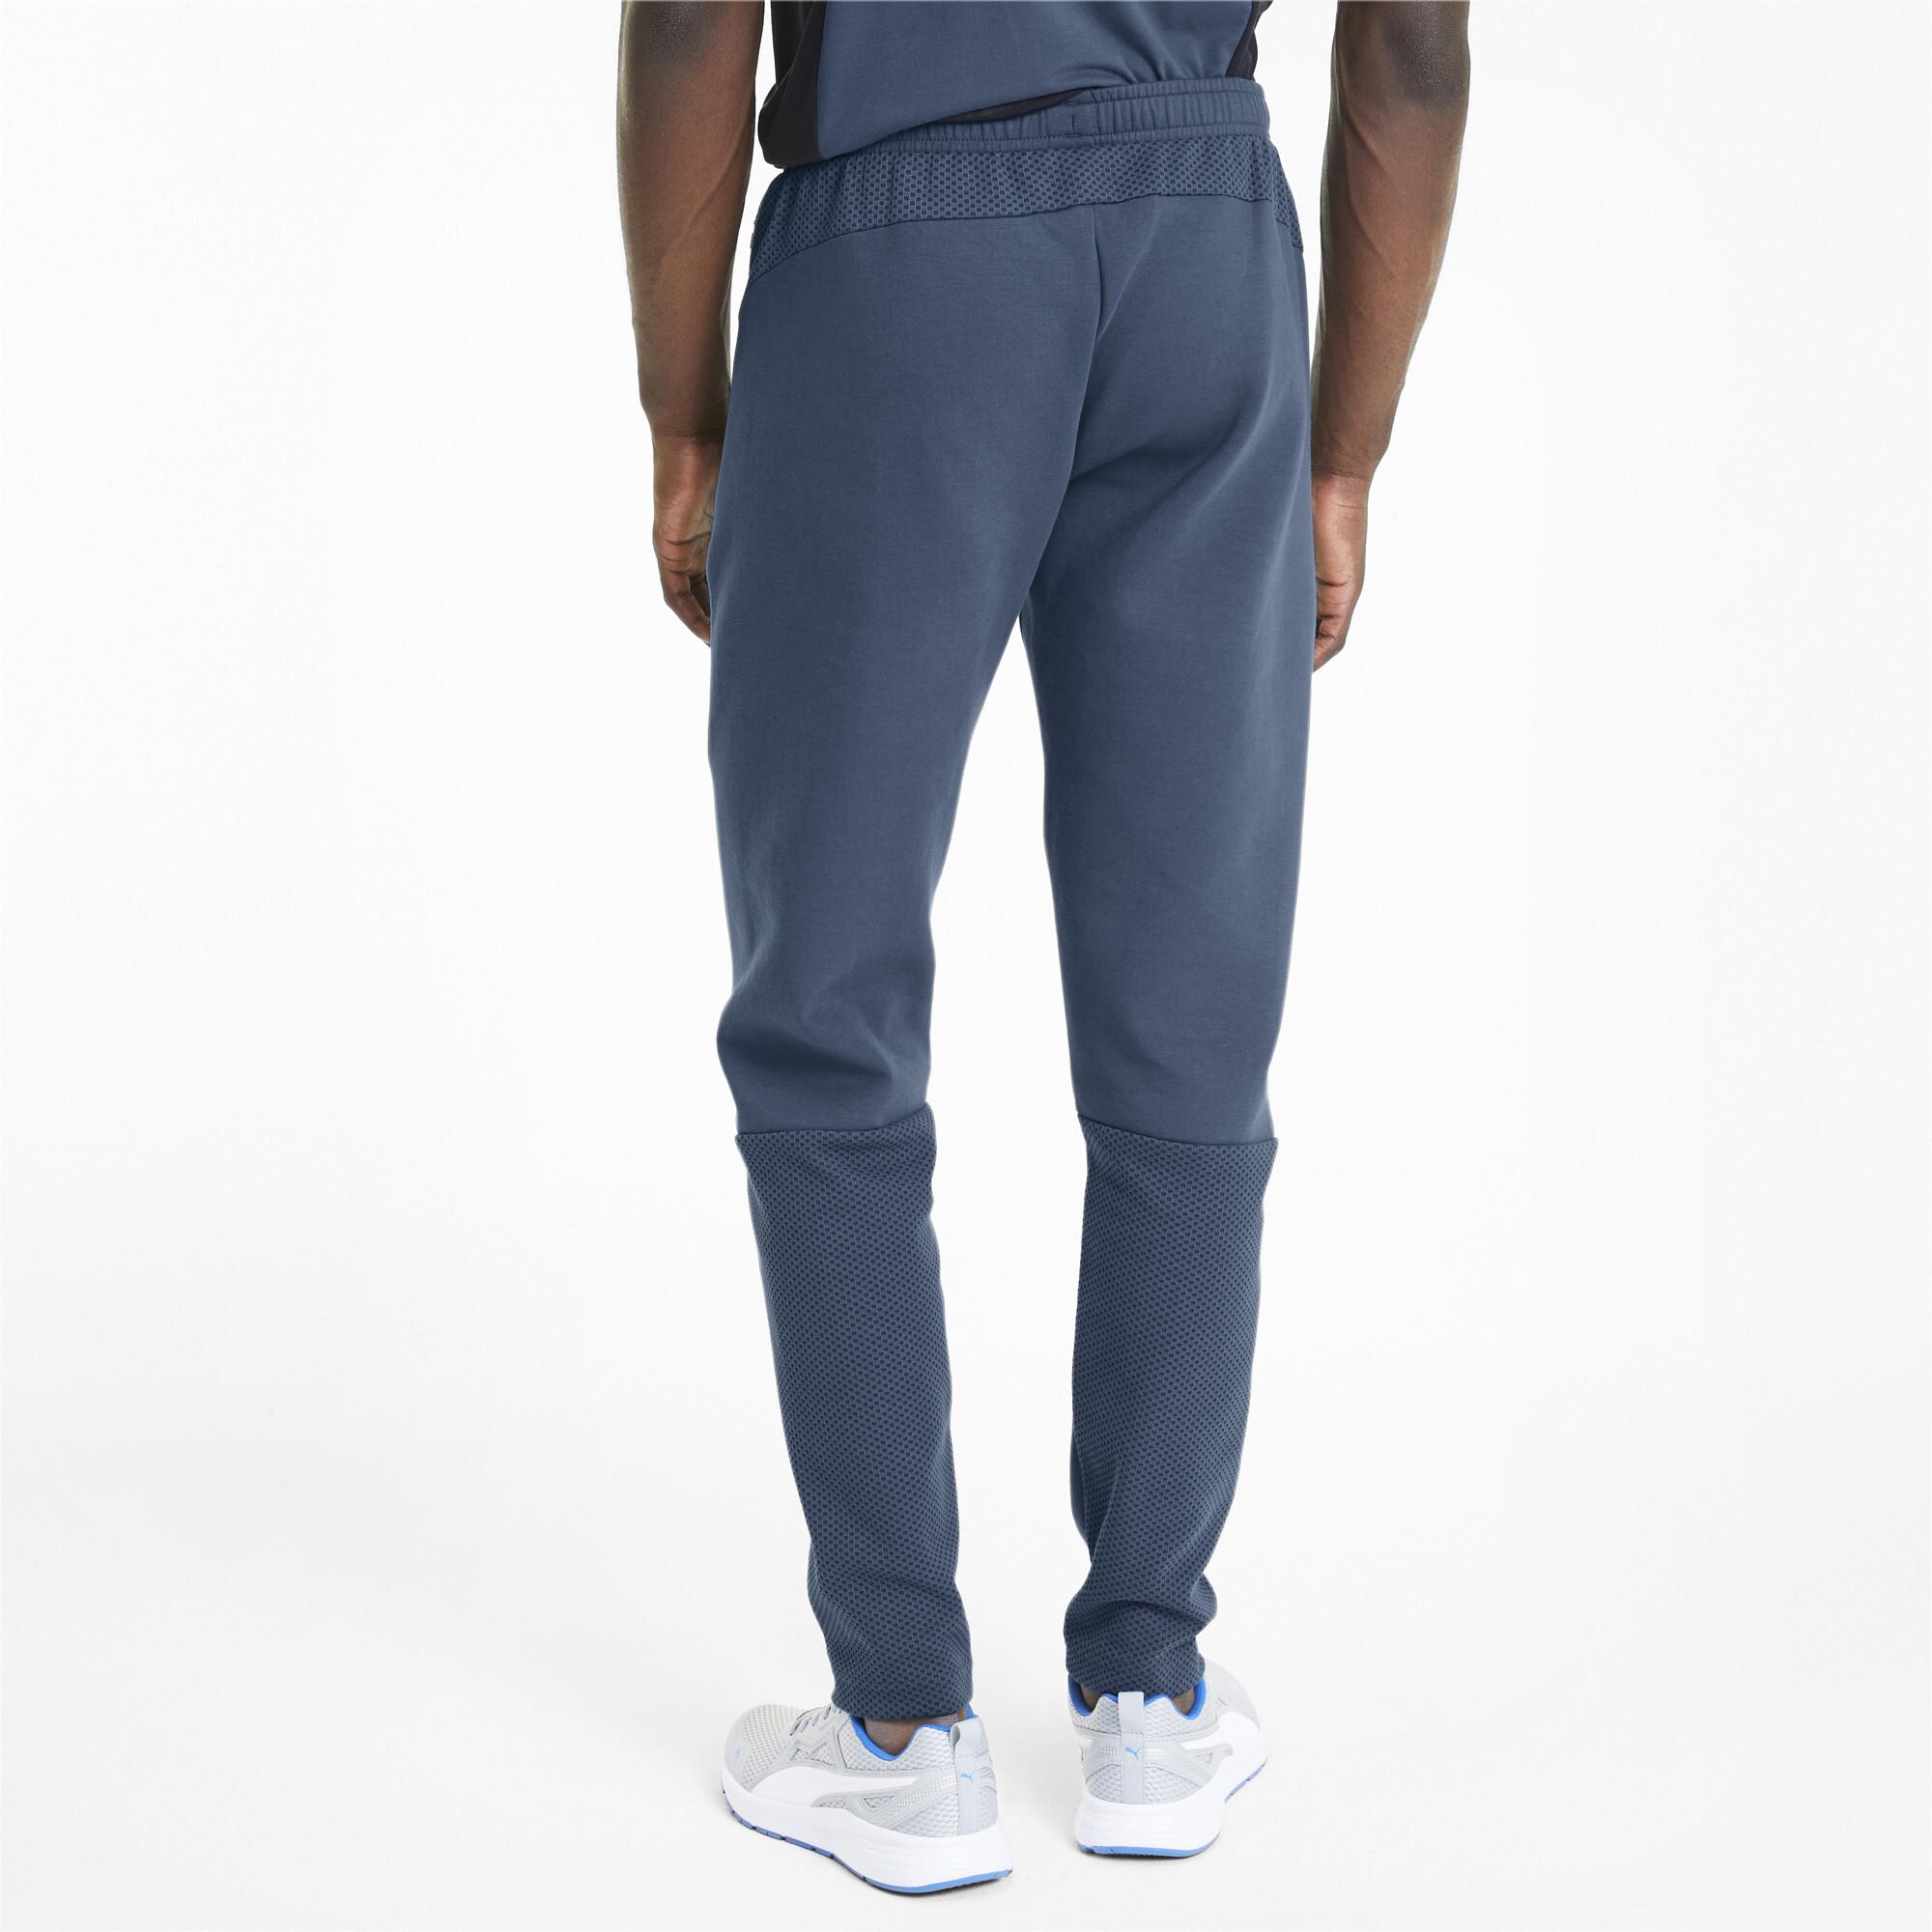 PUMA-Evostripe-Men-039-s-Sweatpants-Men-Knitted-Pants-Basics thumbnail 17